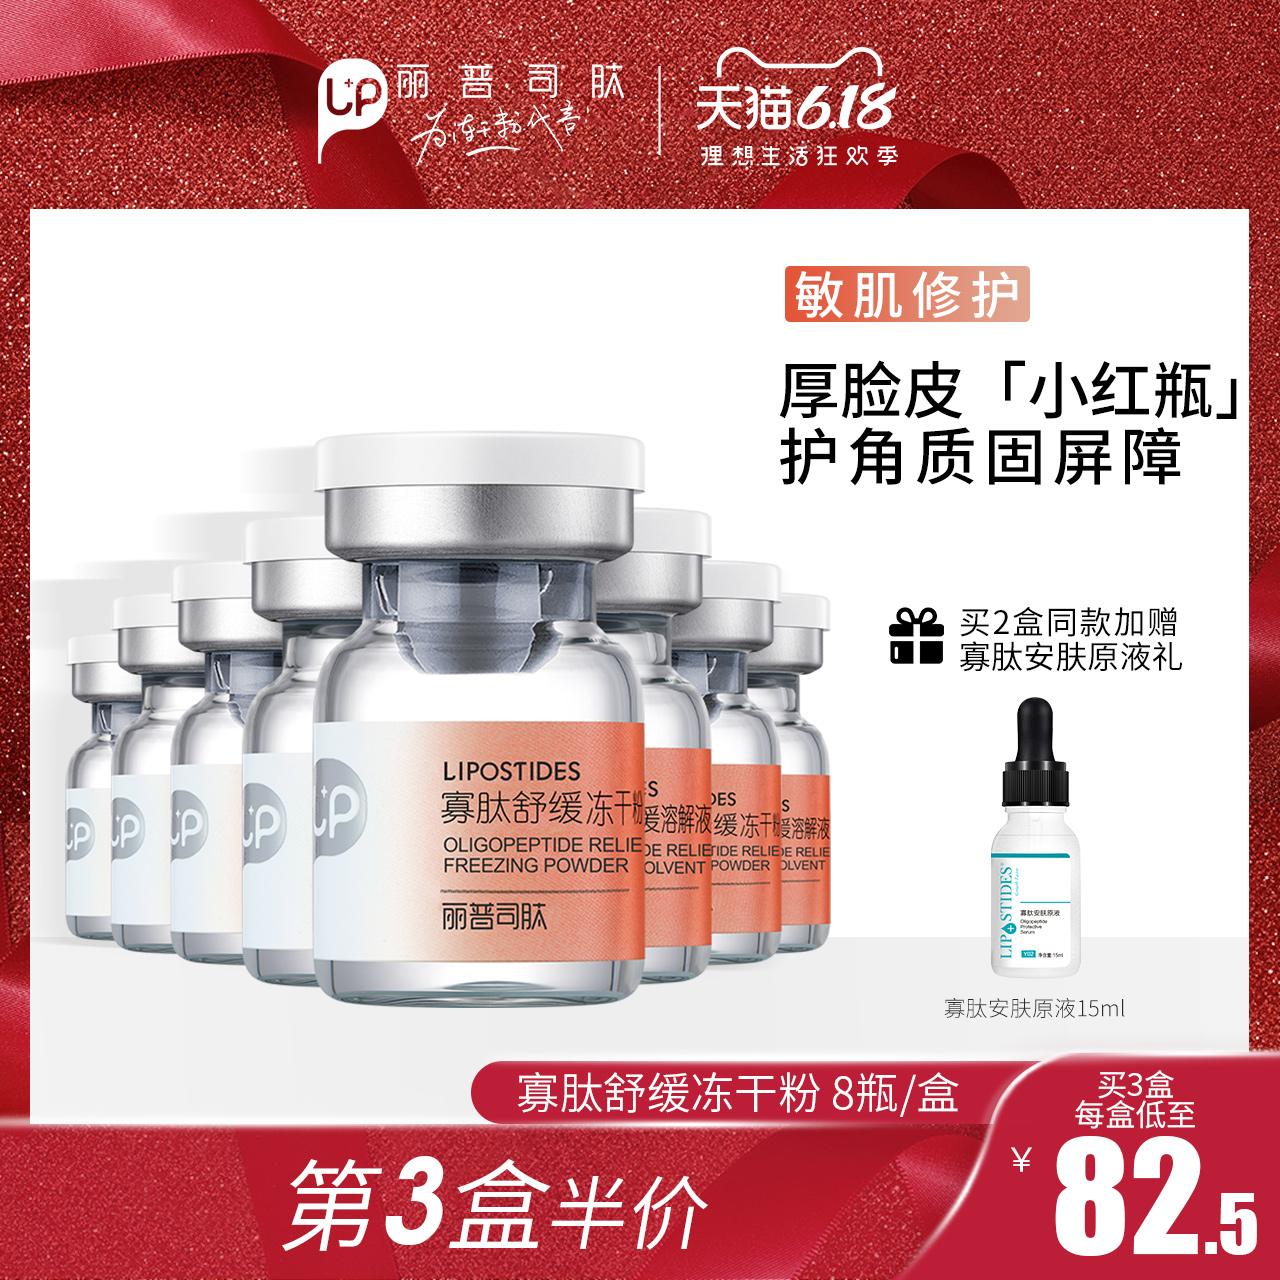 丽普司肽敏感肌寡肽冻干粉修复角质层增厚舒缓肌肤红血丝官方正品